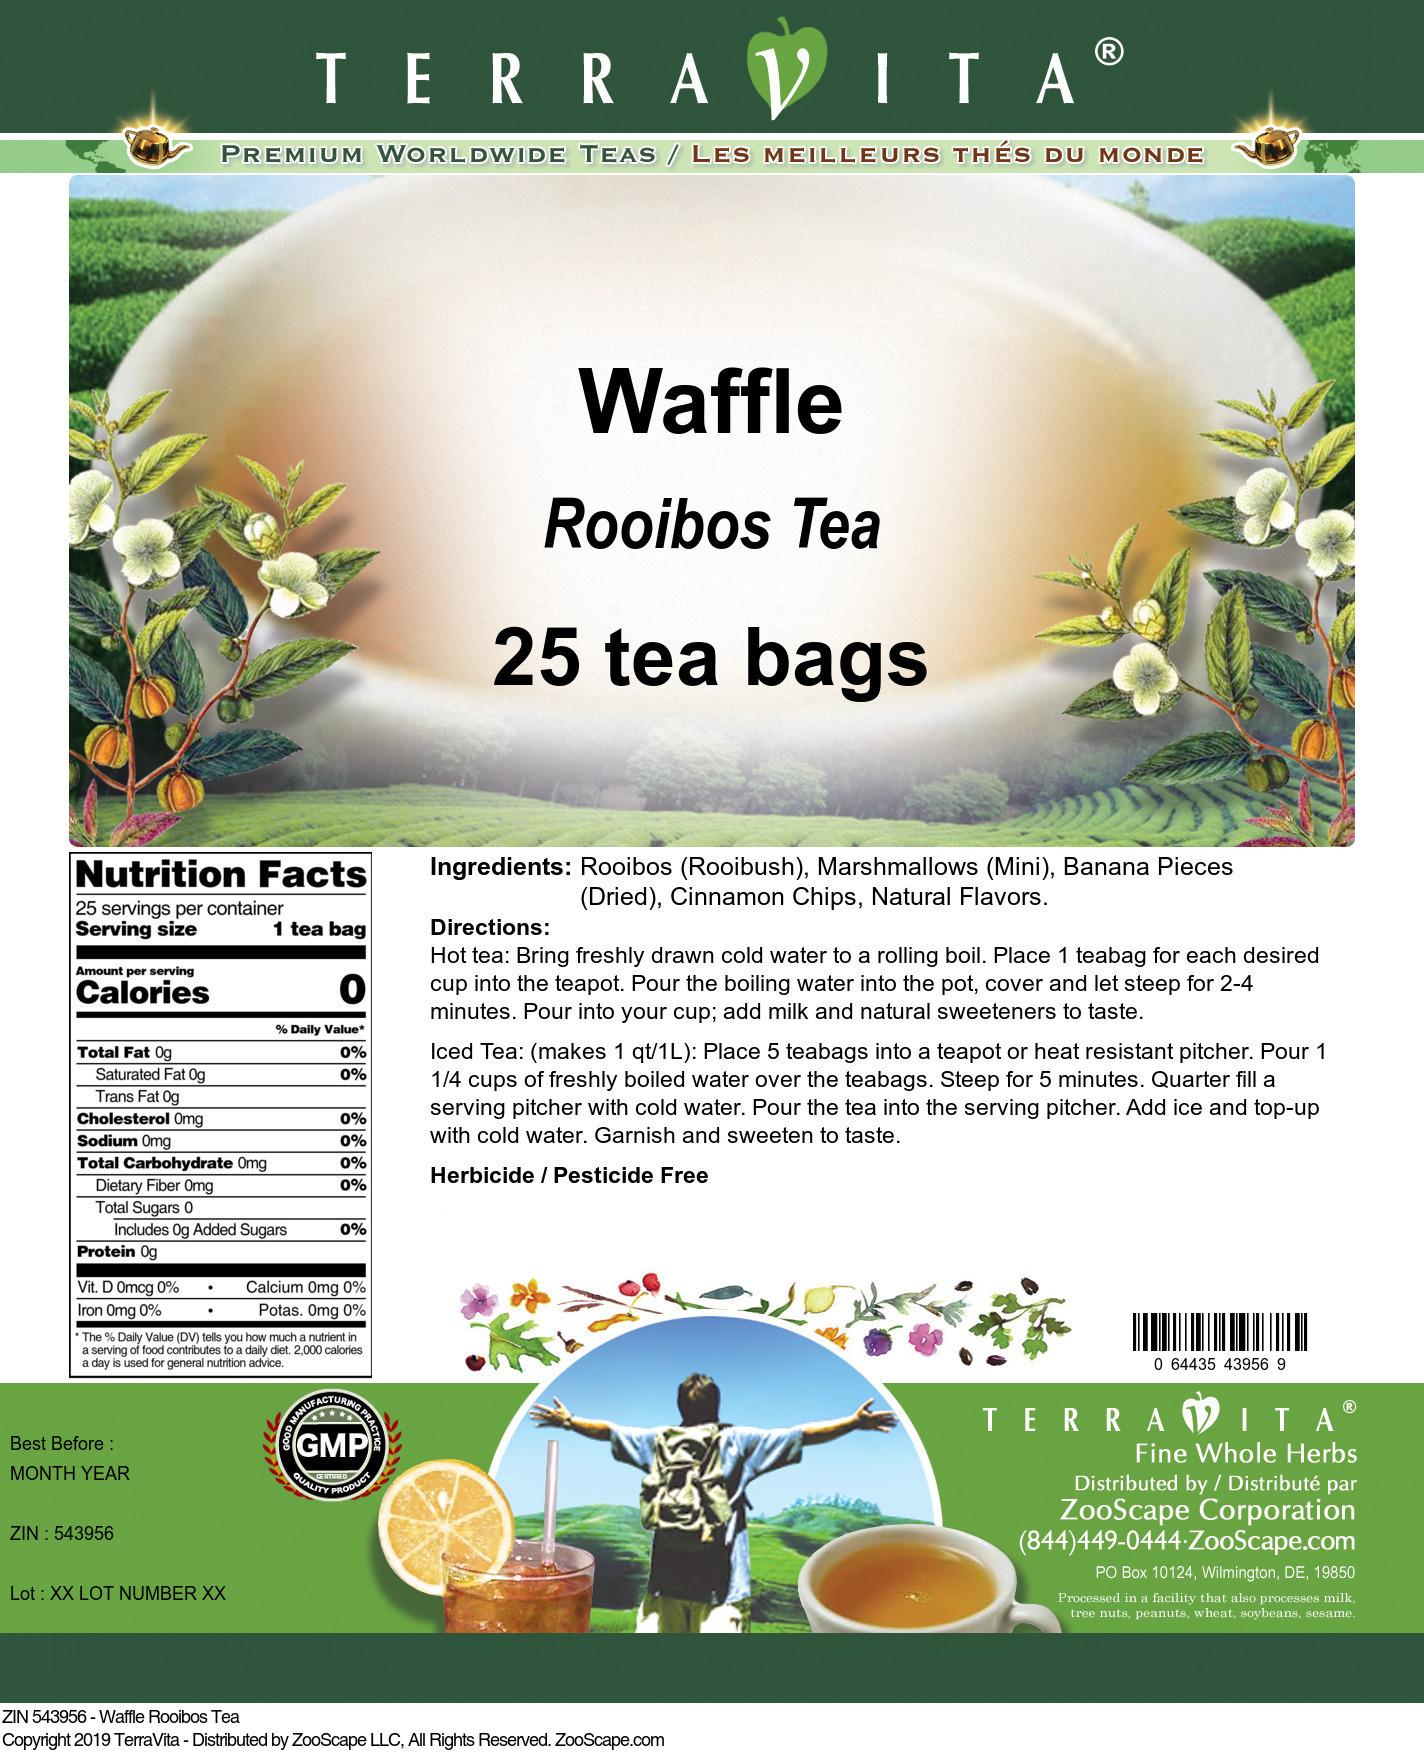 Waffle Rooibos Tea